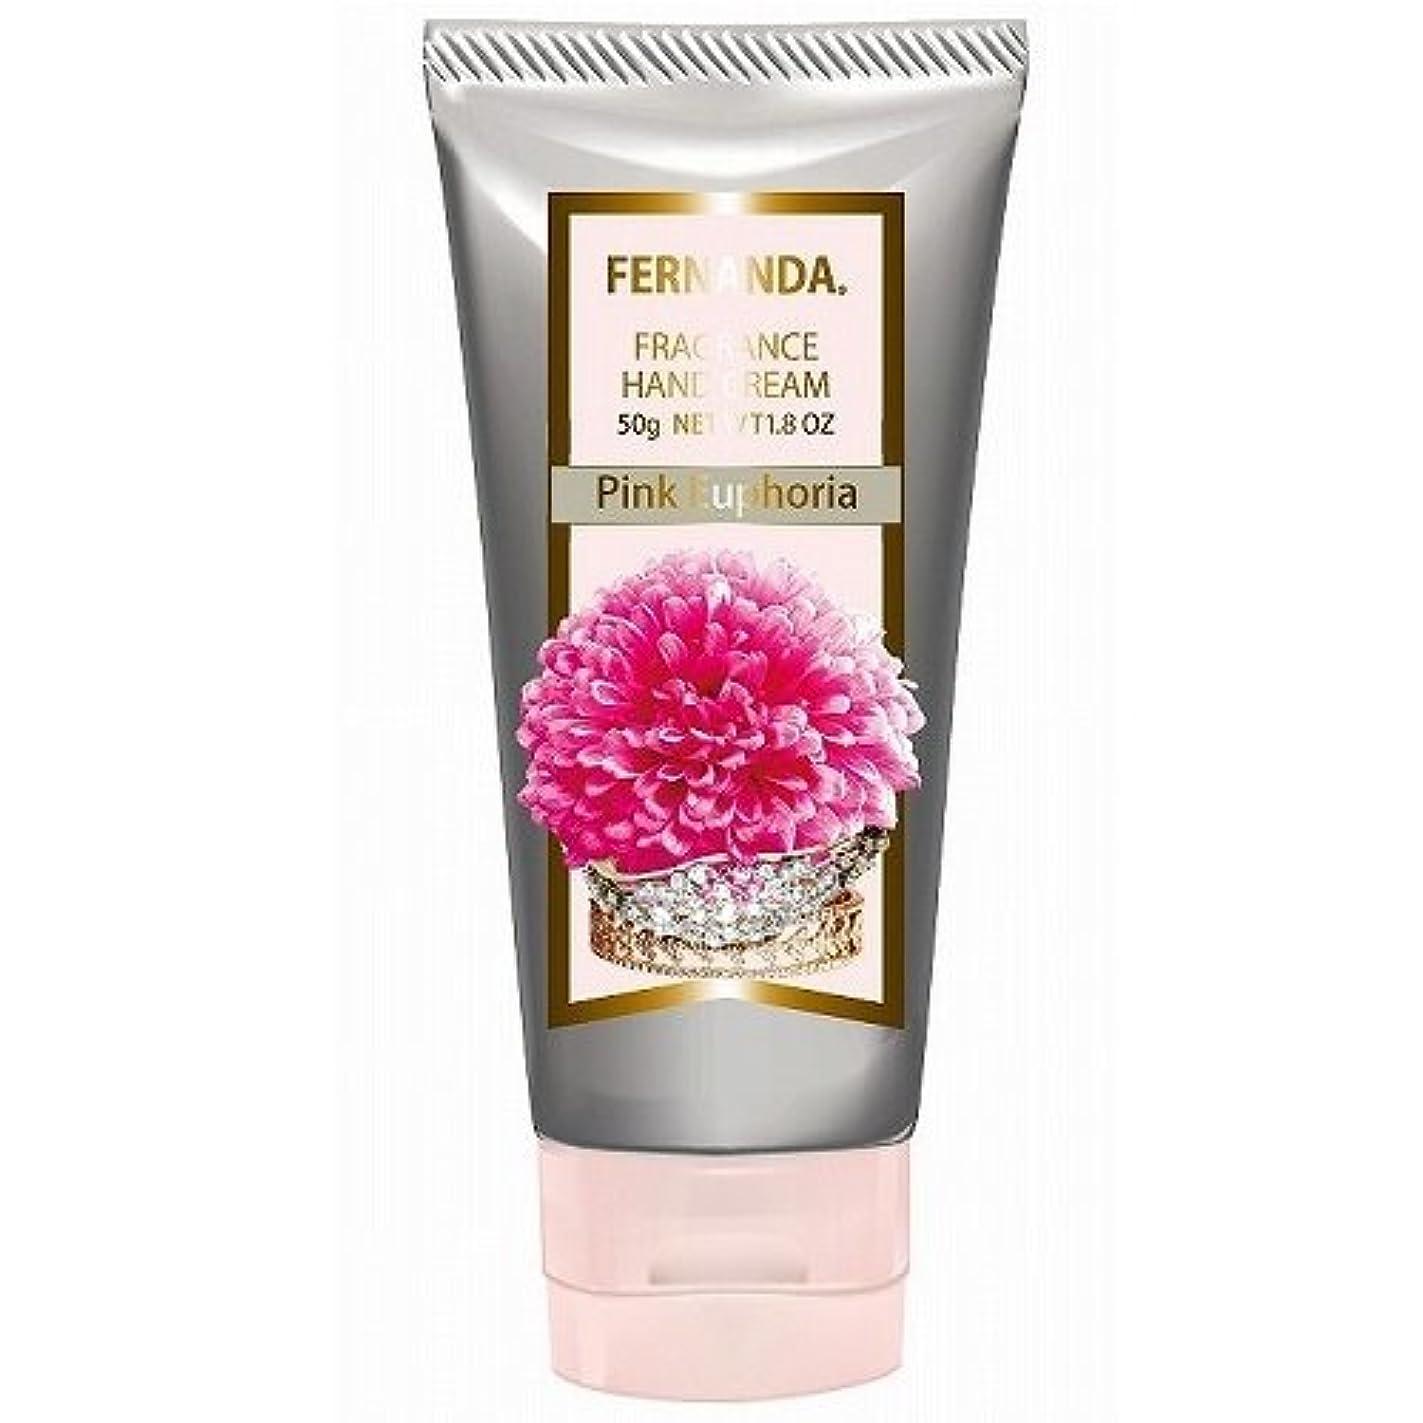 スケジュール日常的に気性FERNANDA(フェルナンダ) Hand Cream Pink Euphoria (ハンドクリーム ピンクエウフォリア)